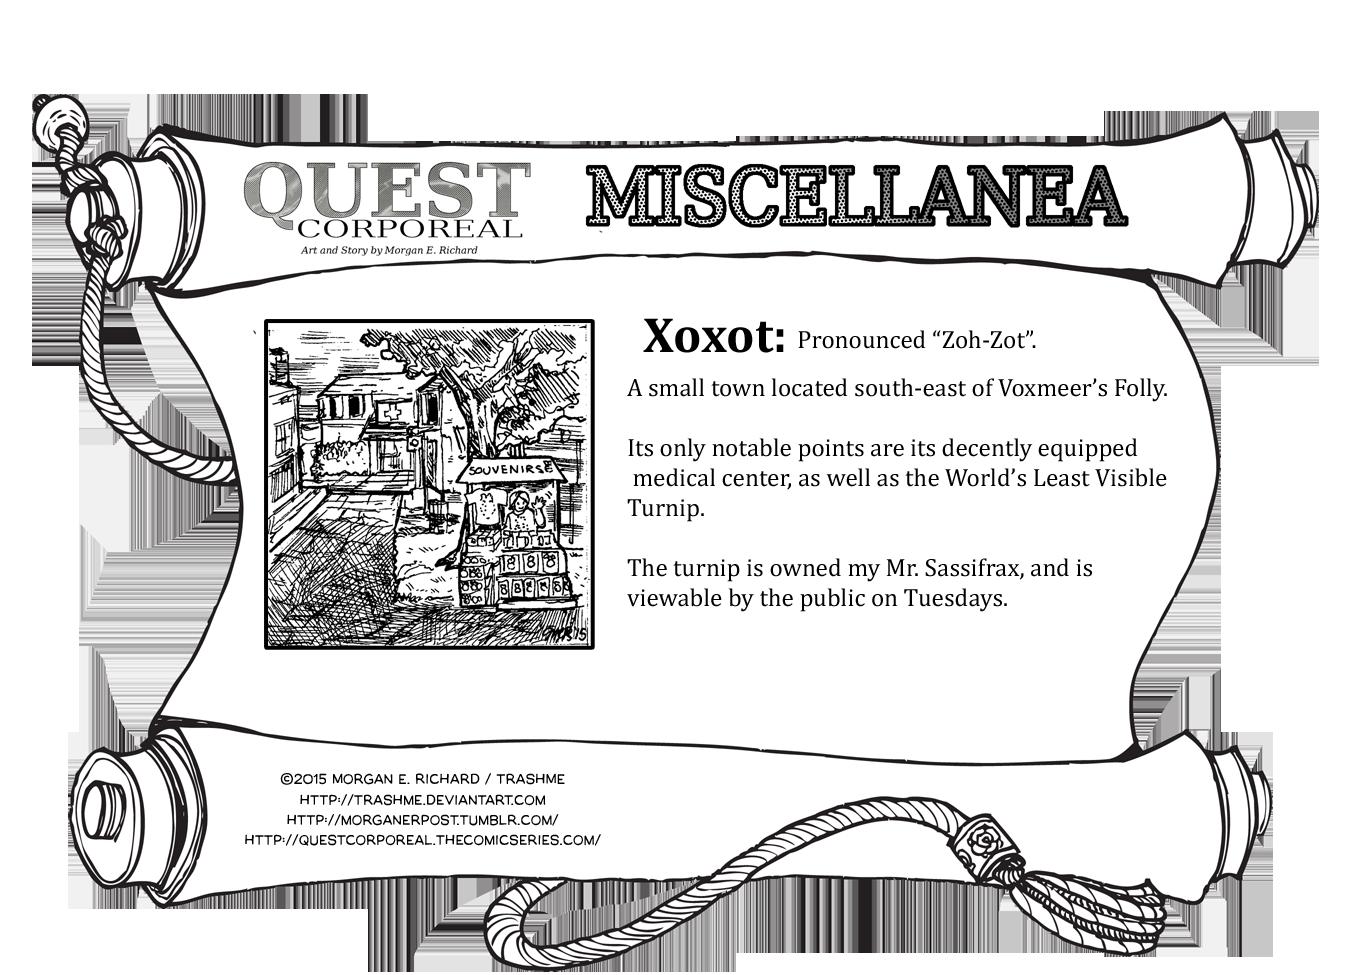 Miscellanea Corporeal: Xoxot